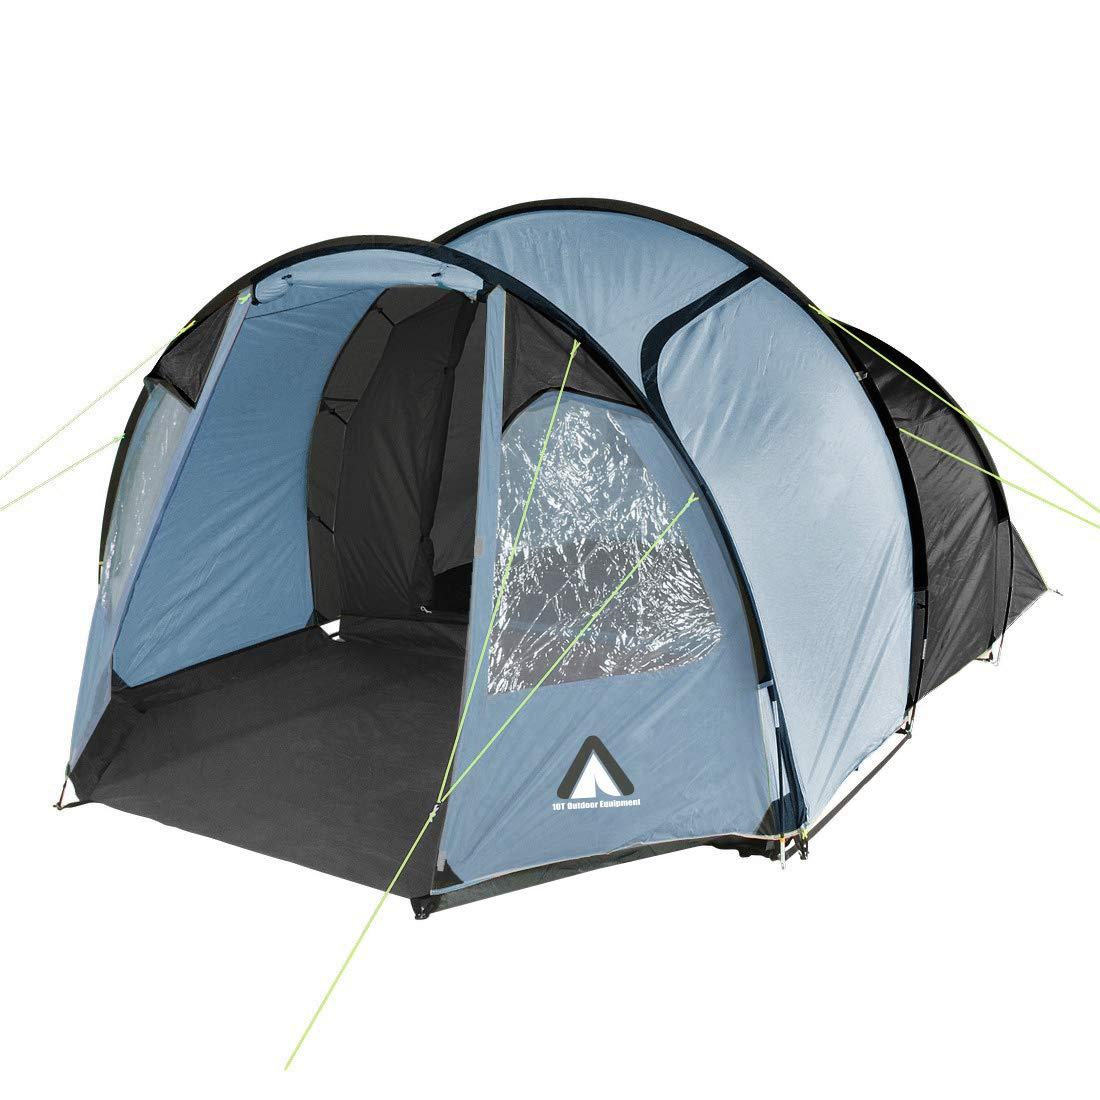 10T Mandiga 4 Arona - Tunnelzelt für 4 Personen, Campingzelt mit großer Schlafkabine, wasserdichtes Familienzelt mit 5000mm, Zelt mit 2 Eingängen und 2 Fenstern, Festivalzelt mit Dauerbelüftung, 4 Mann Zelt mit Tragetasche, Zelthering